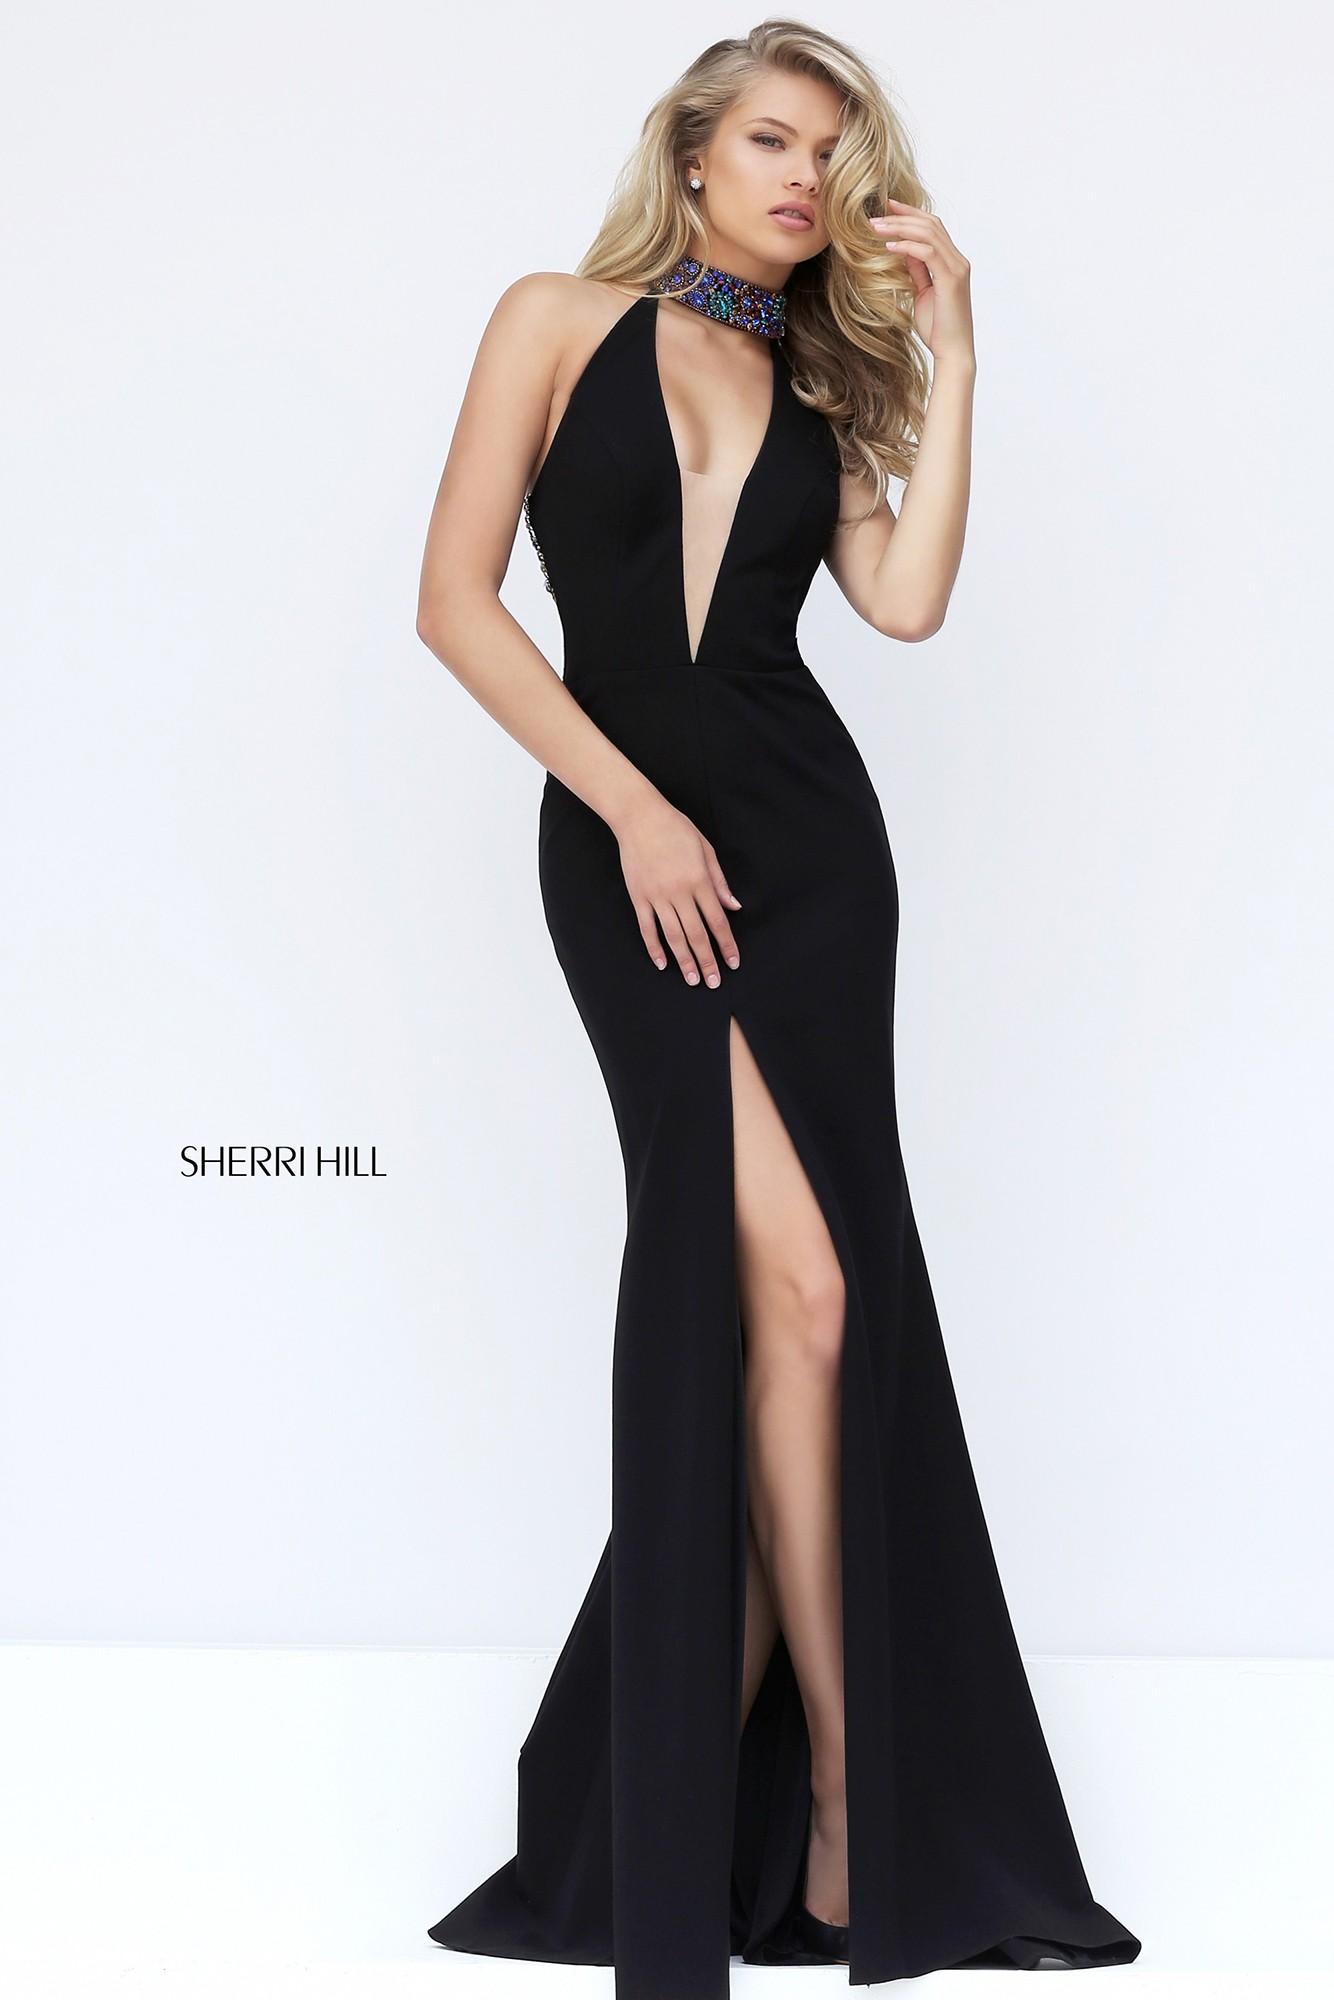 Lace V Neck Wedding Dress | Plunging Neckline Skater Dress | Plunging Neckline Dress